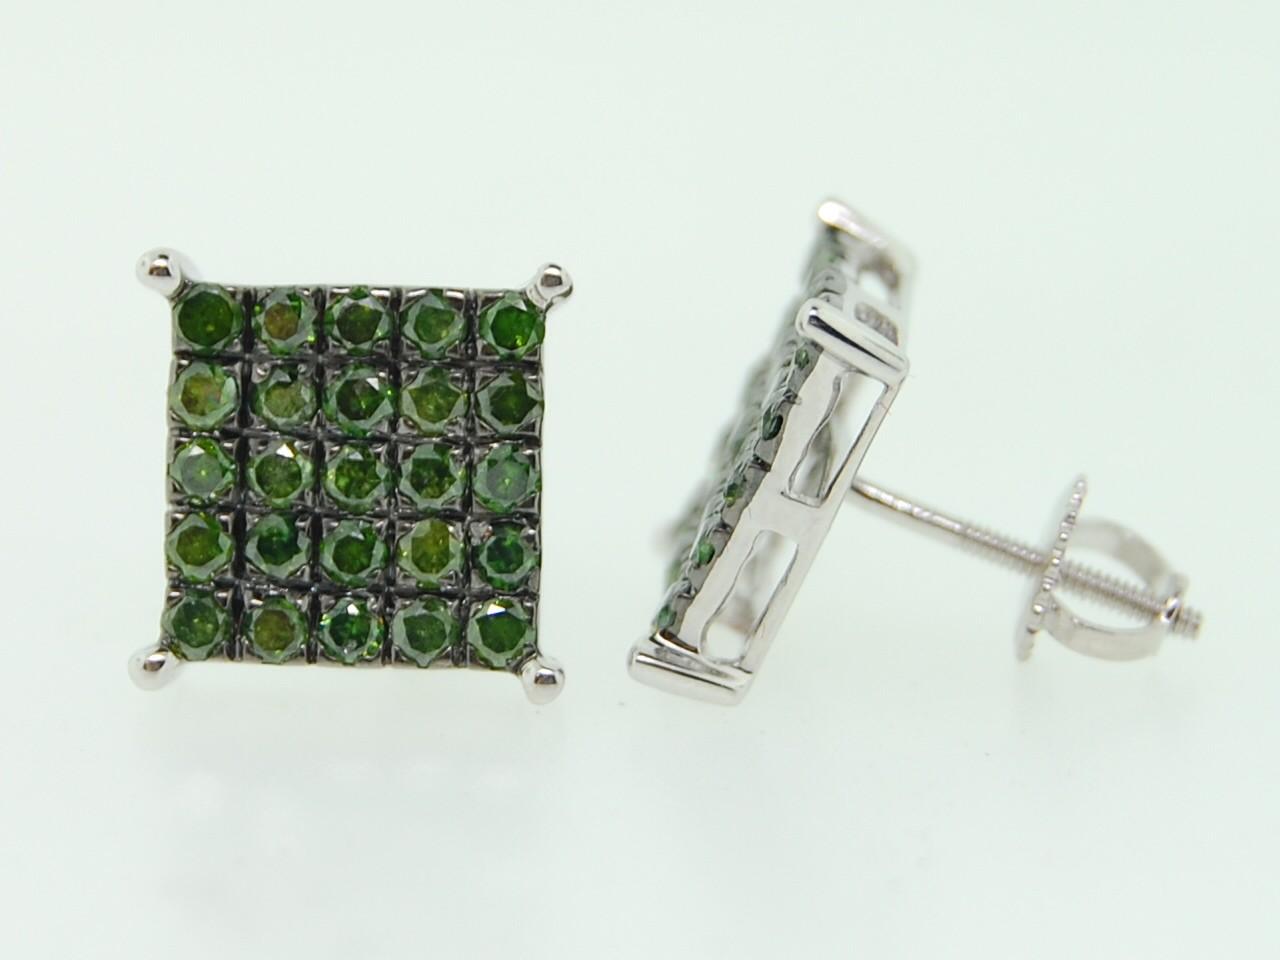 Diamond Earrings: Green Diamond Stud Earrings